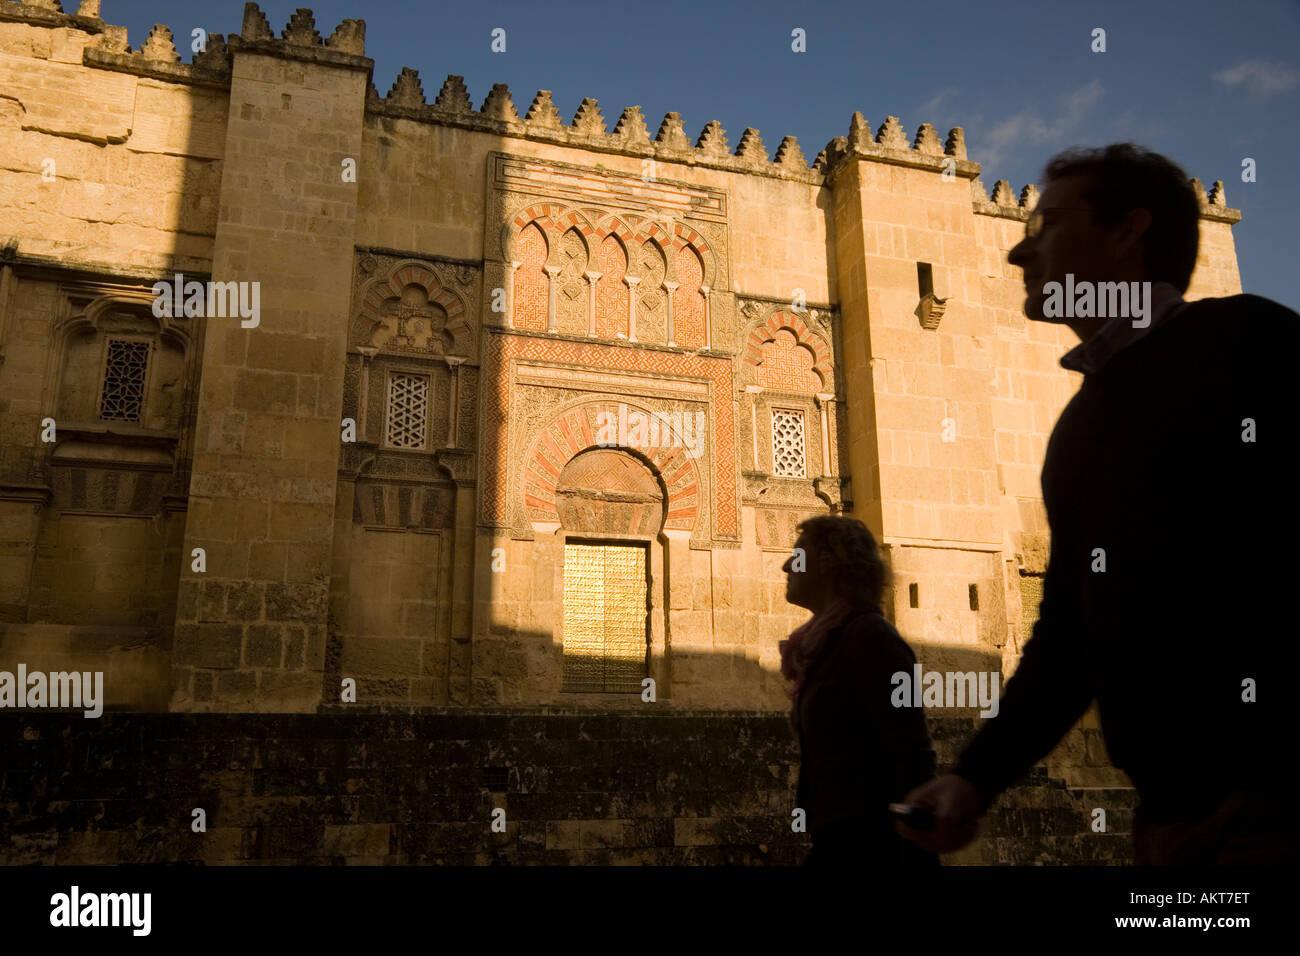 Cordoba Córdoba Provinz Spanien Tourist paar Westwand des La Mezquita der großen Moschee vorbei Stockbild